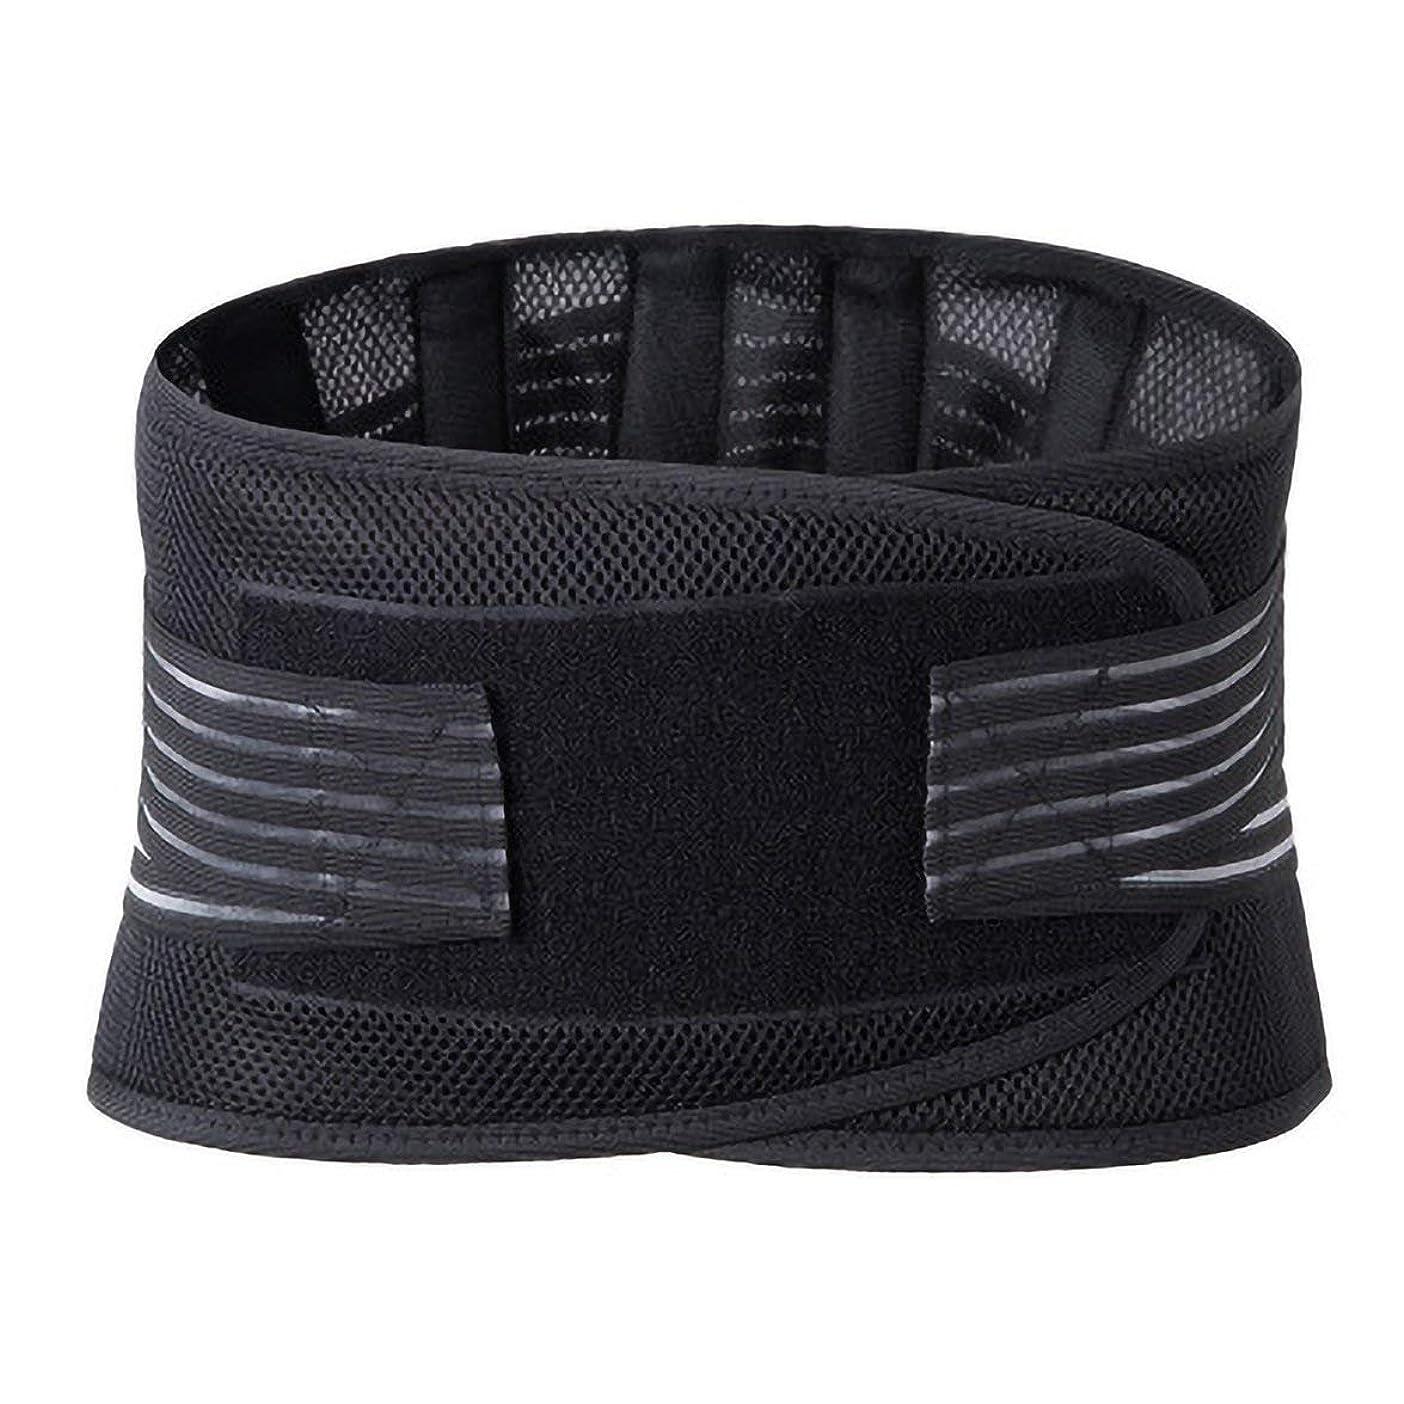 サワー協力する騙すランバーウエストサポートバックブレースベルトウエストサポートブレースフィットネススポーツ保護姿勢コレクター再構築 - ブラック